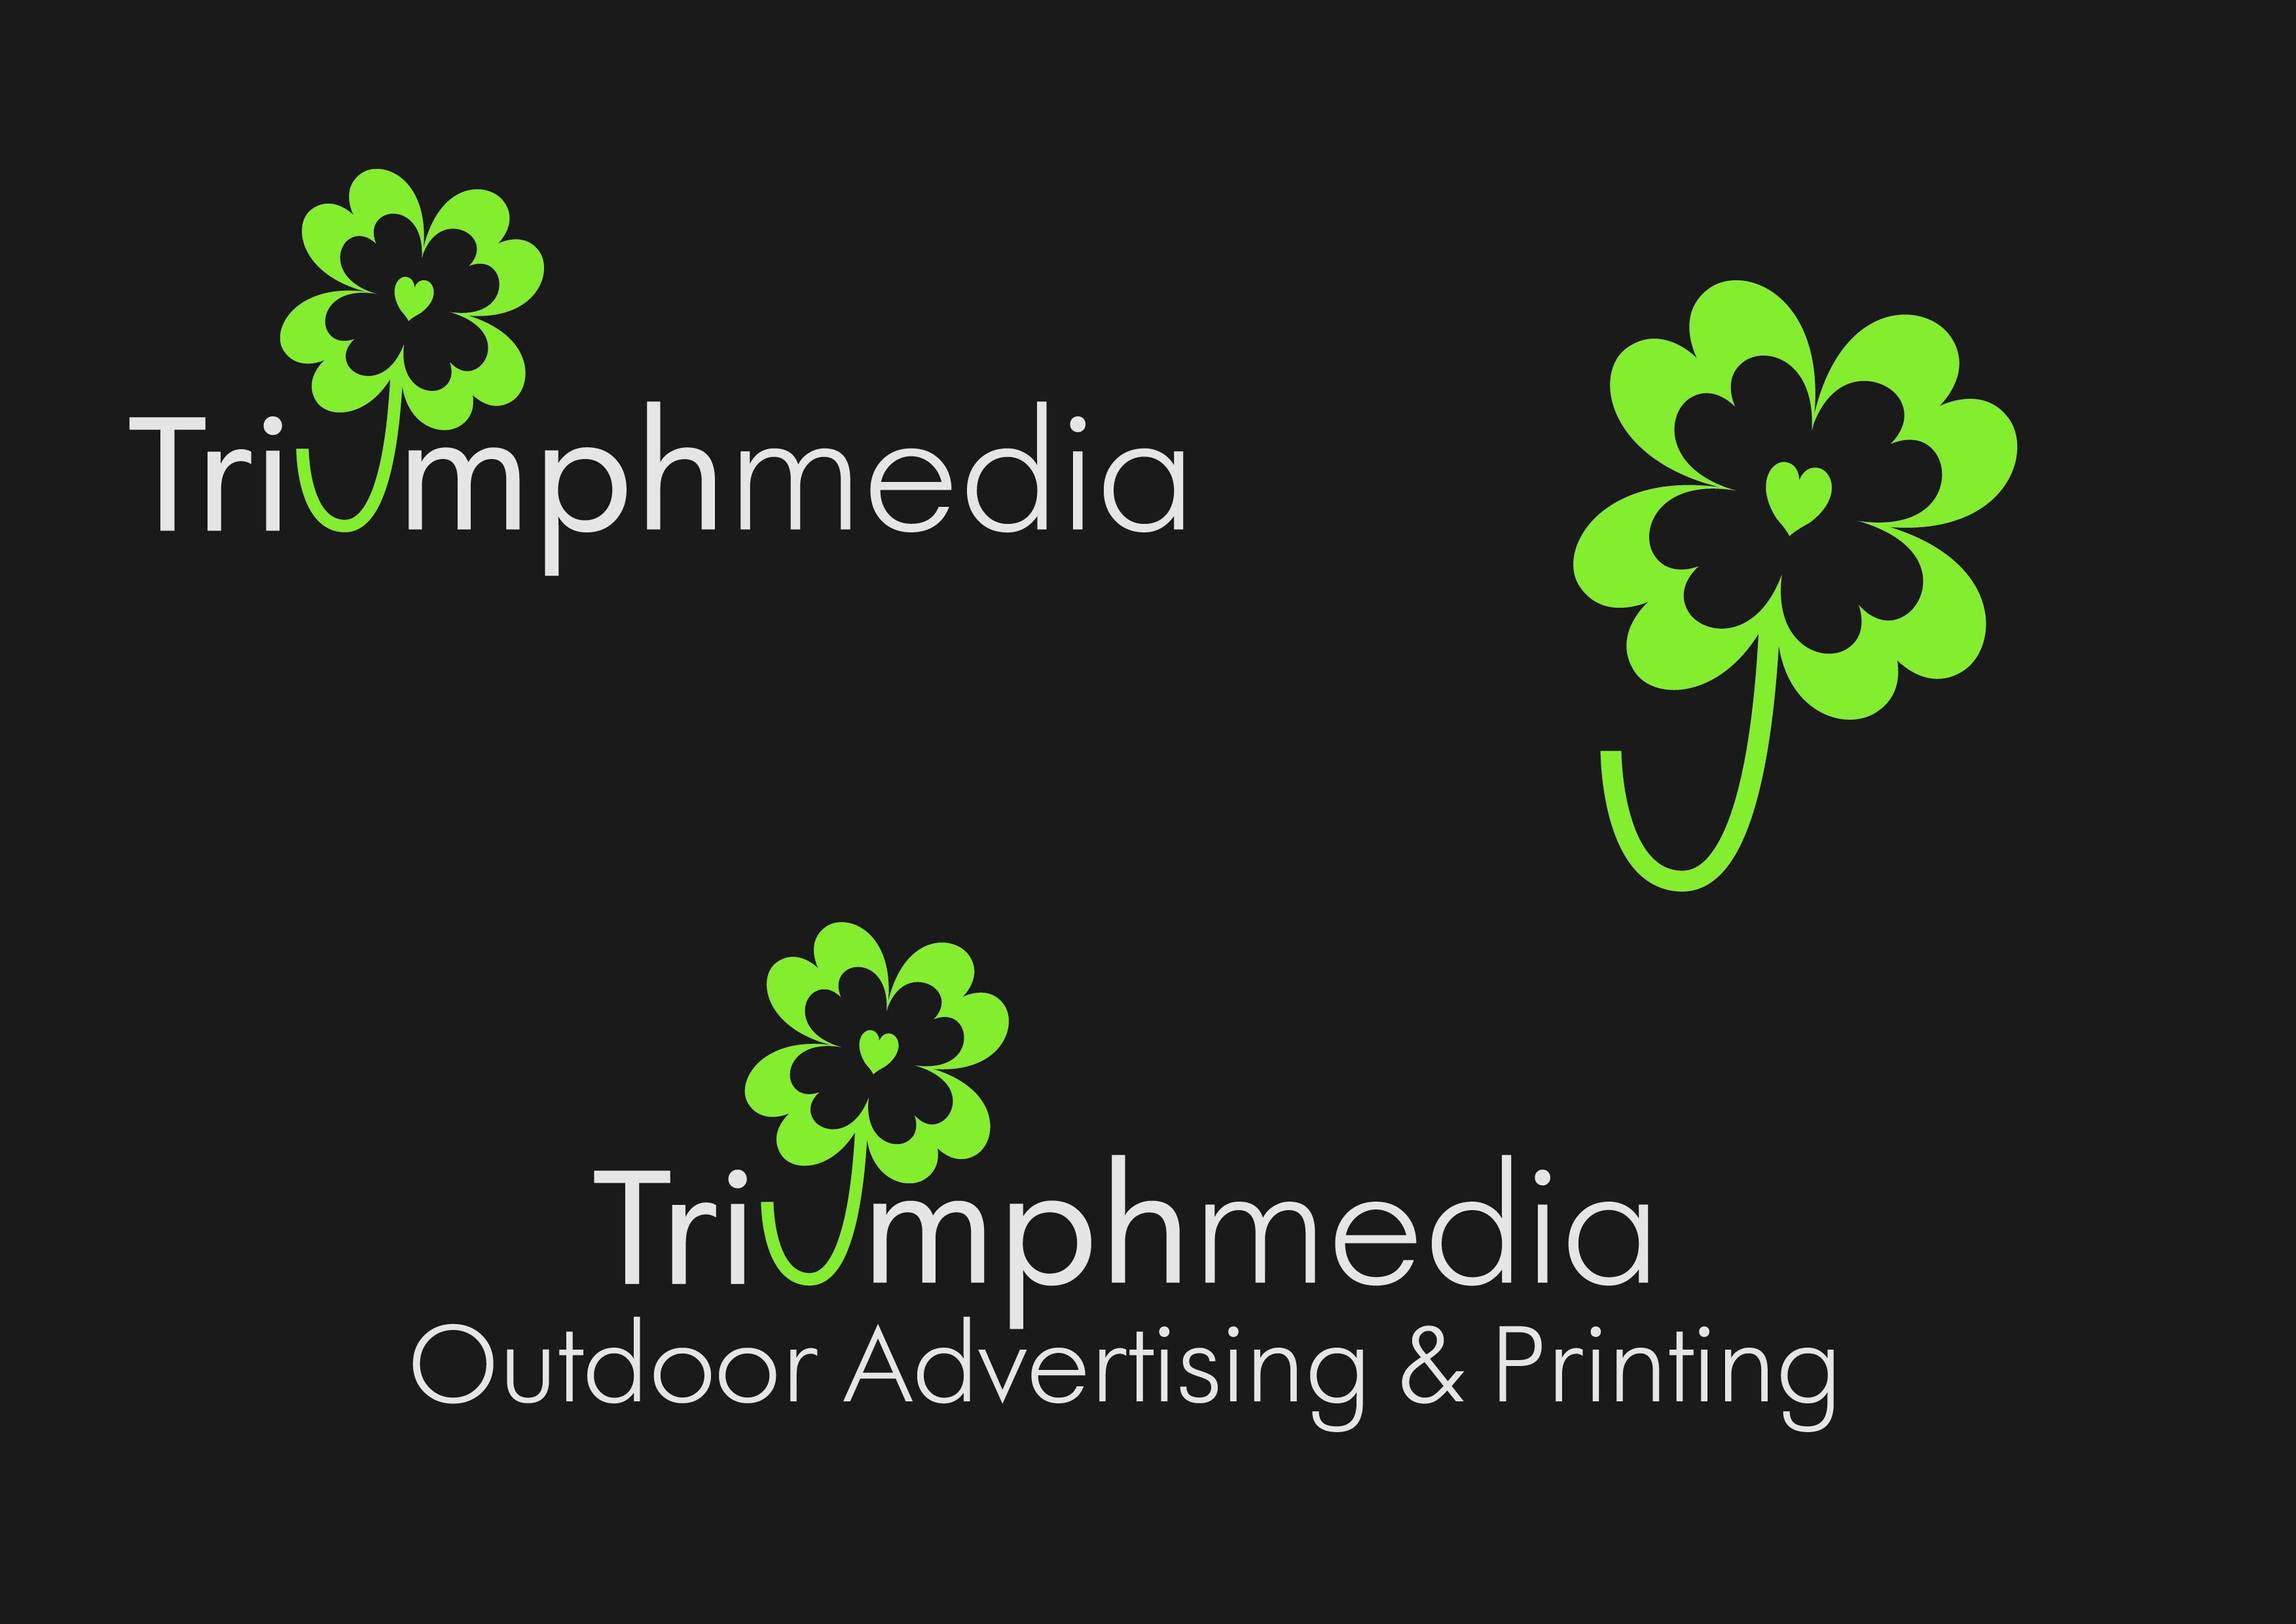 Разработка логотипа  TRIUMPH MEDIA с изображением клевера фото f_5071b03febb49.jpg